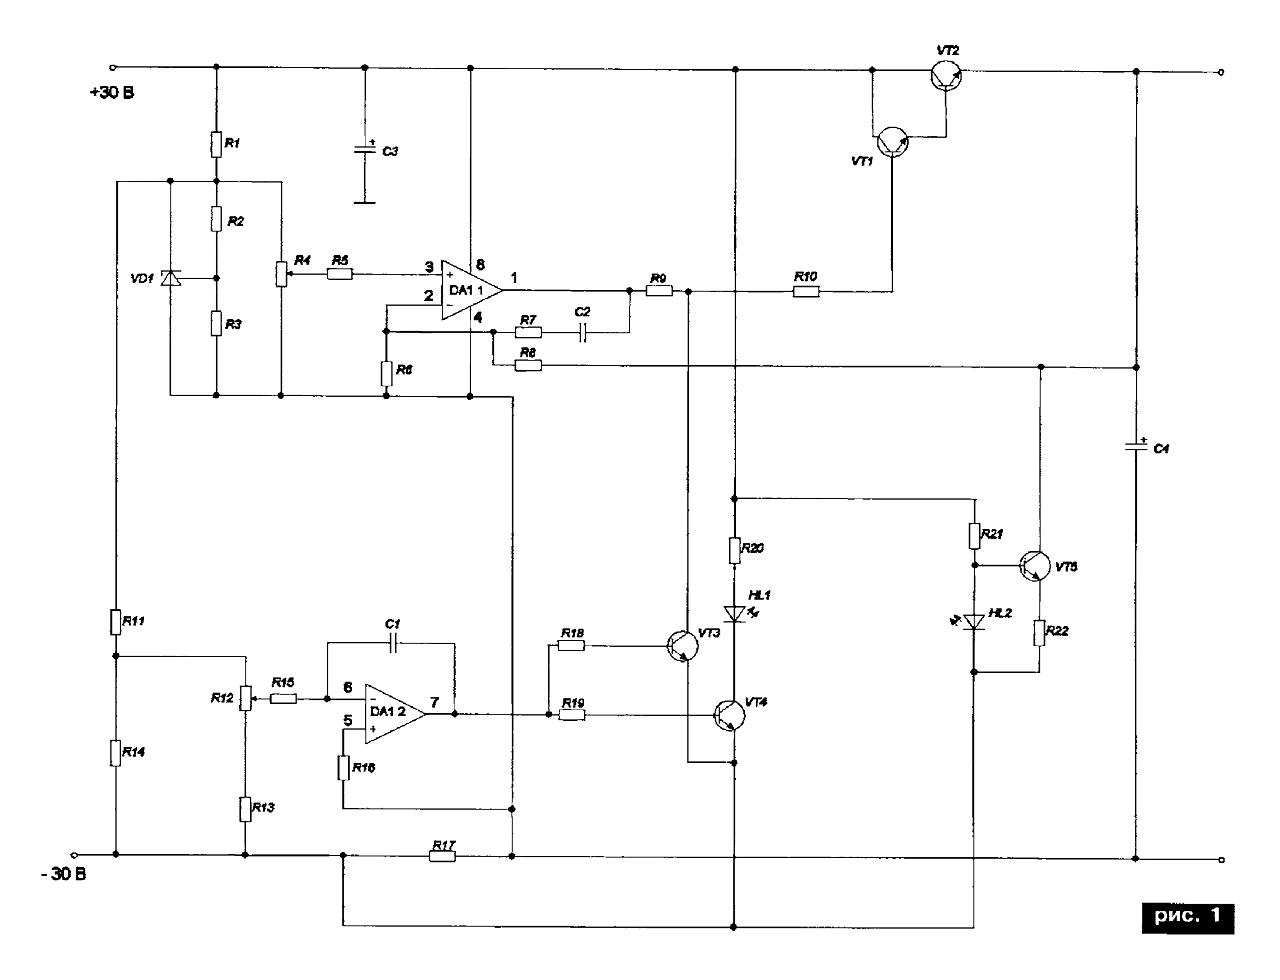 схема бп на составном транзисторе